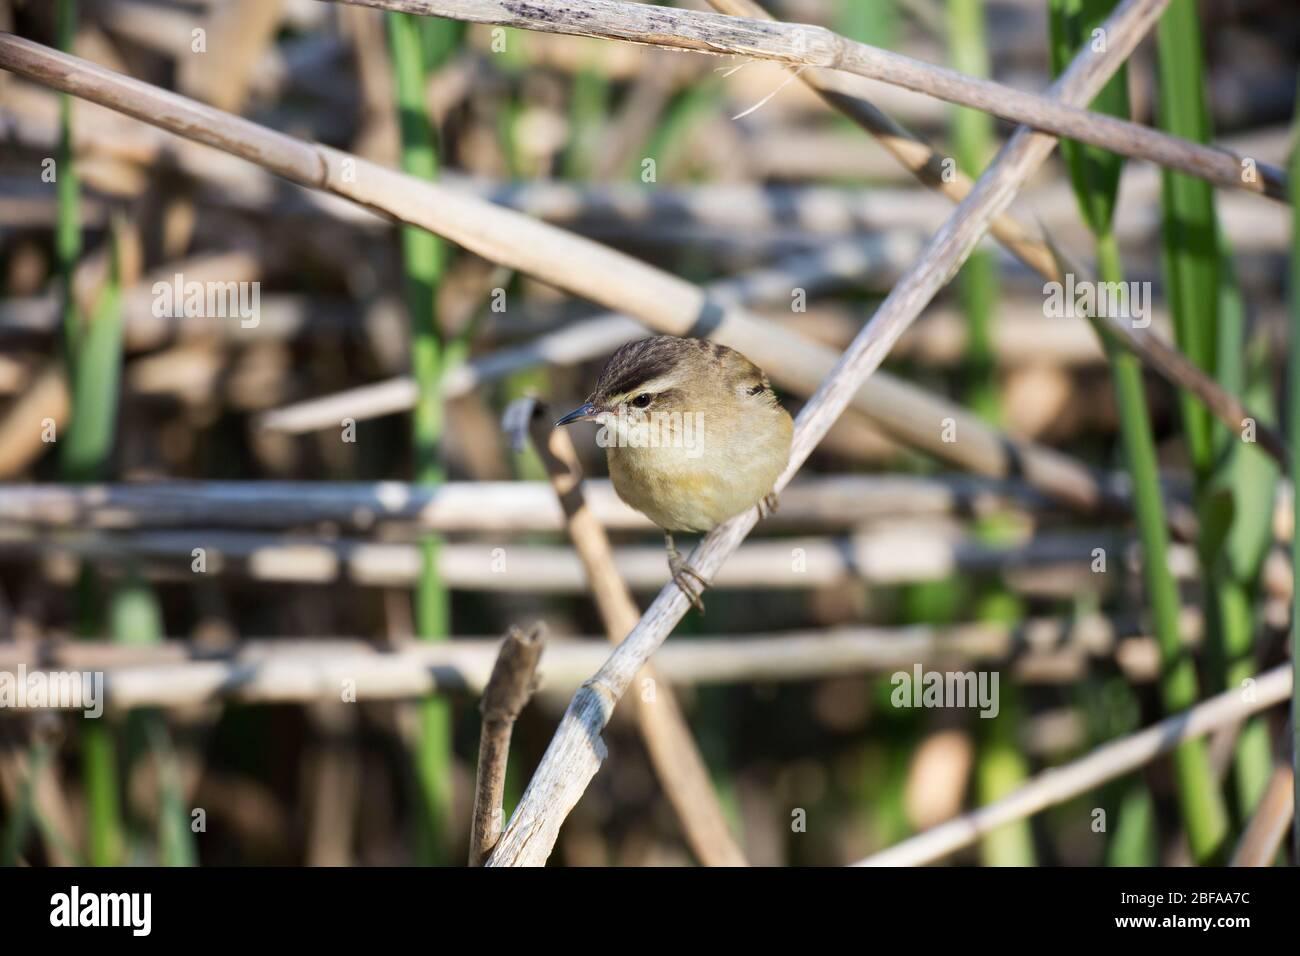 Sedge Warbler, Acrocephalus schoenobaenus, in a reed bed, Mid Wales, uk Stock Photo